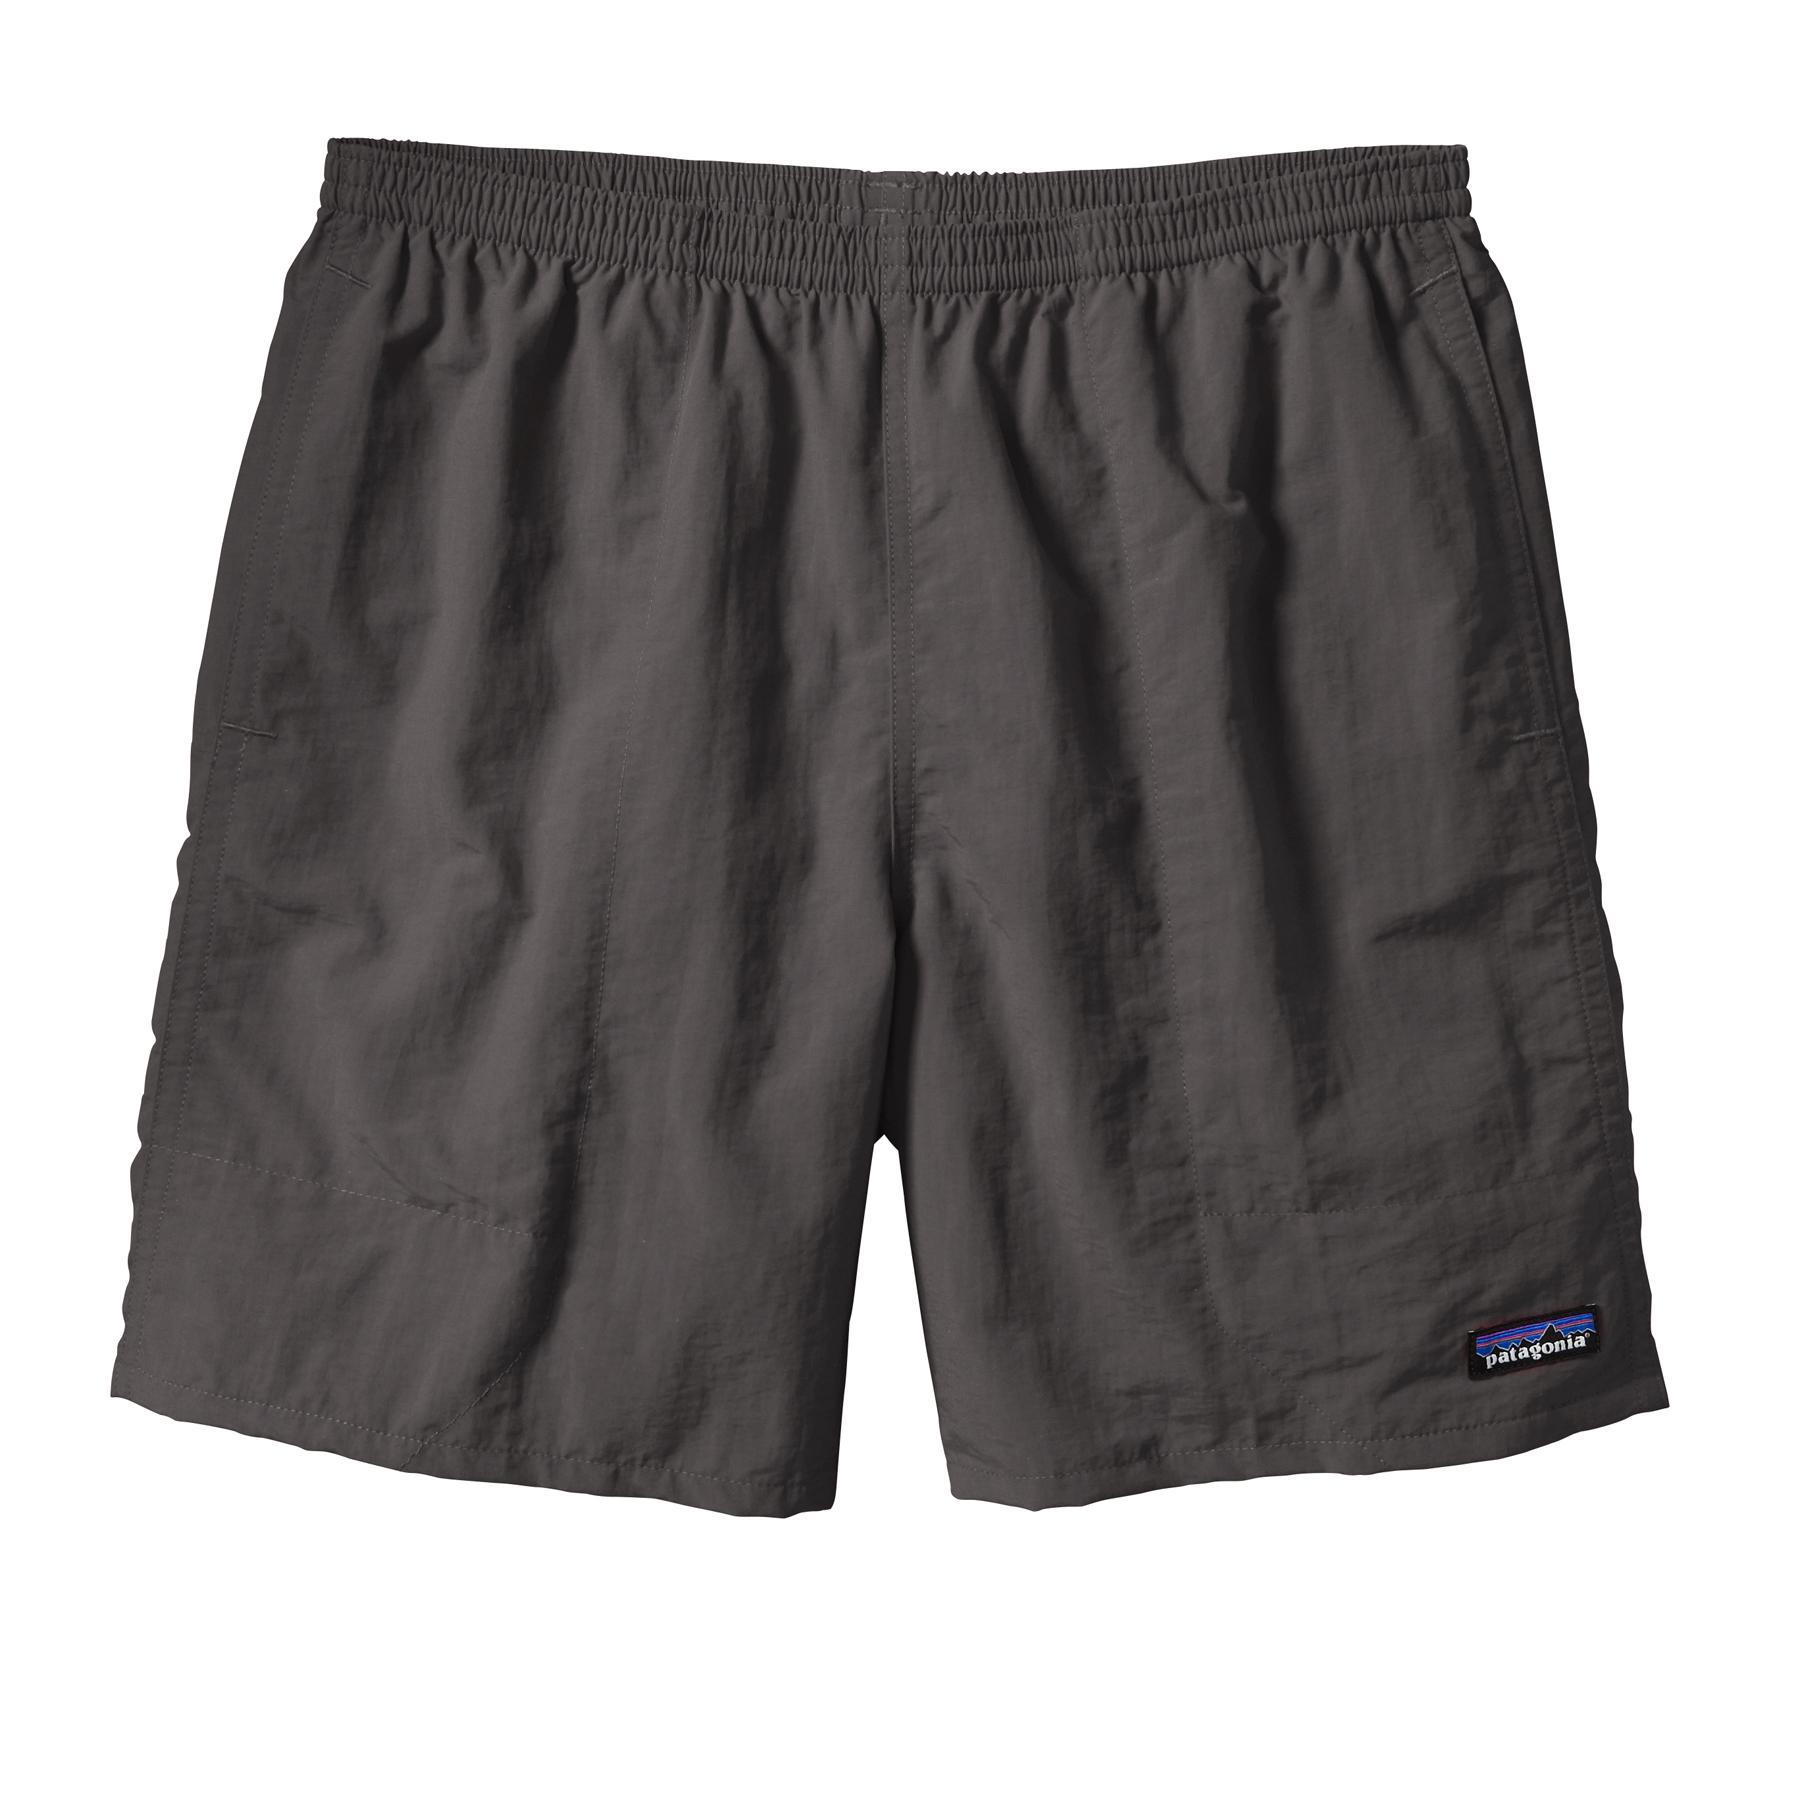 Patagonia Men's Baggies Shorts 7in Inseam FGE_GREY